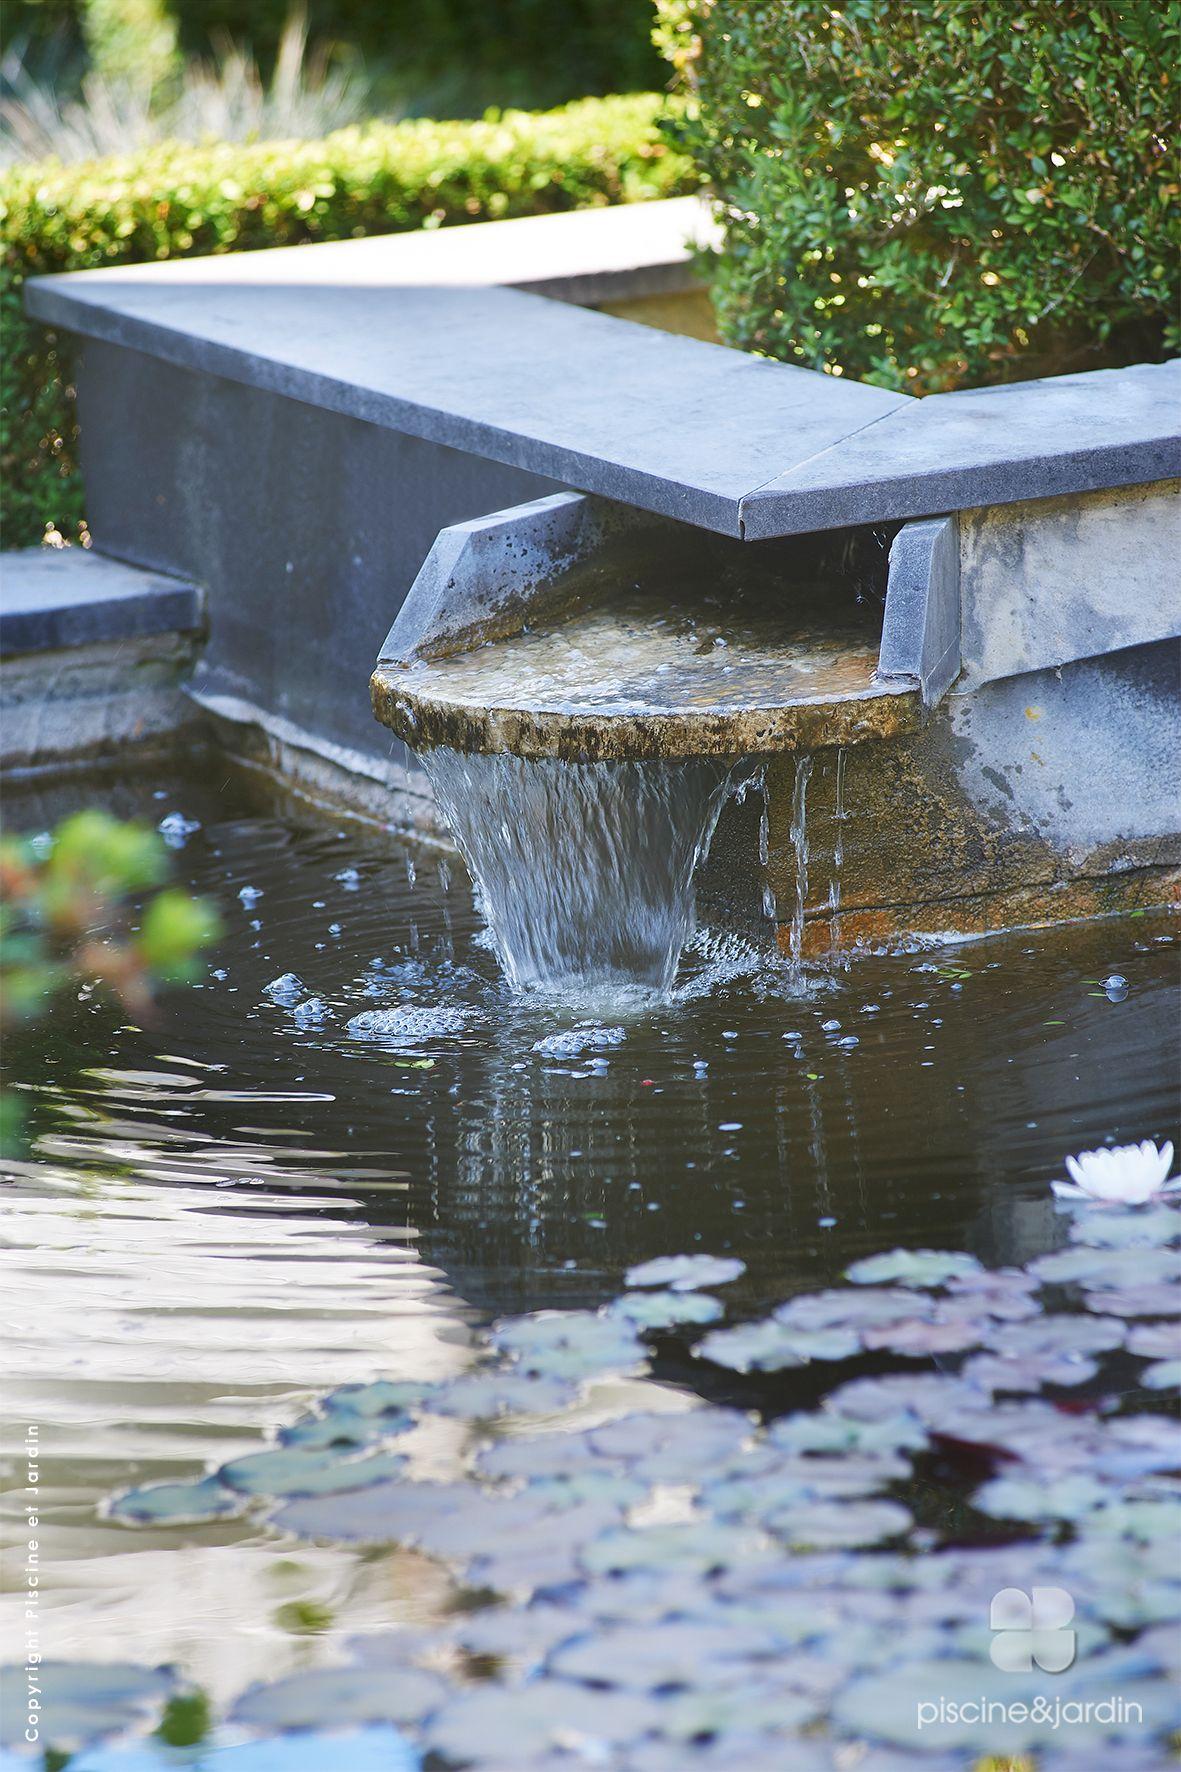 Vous Souhaitez Faire Construire Un Bassin Dans Votre Jardin ... avec Construire Un Bassin De Jardin